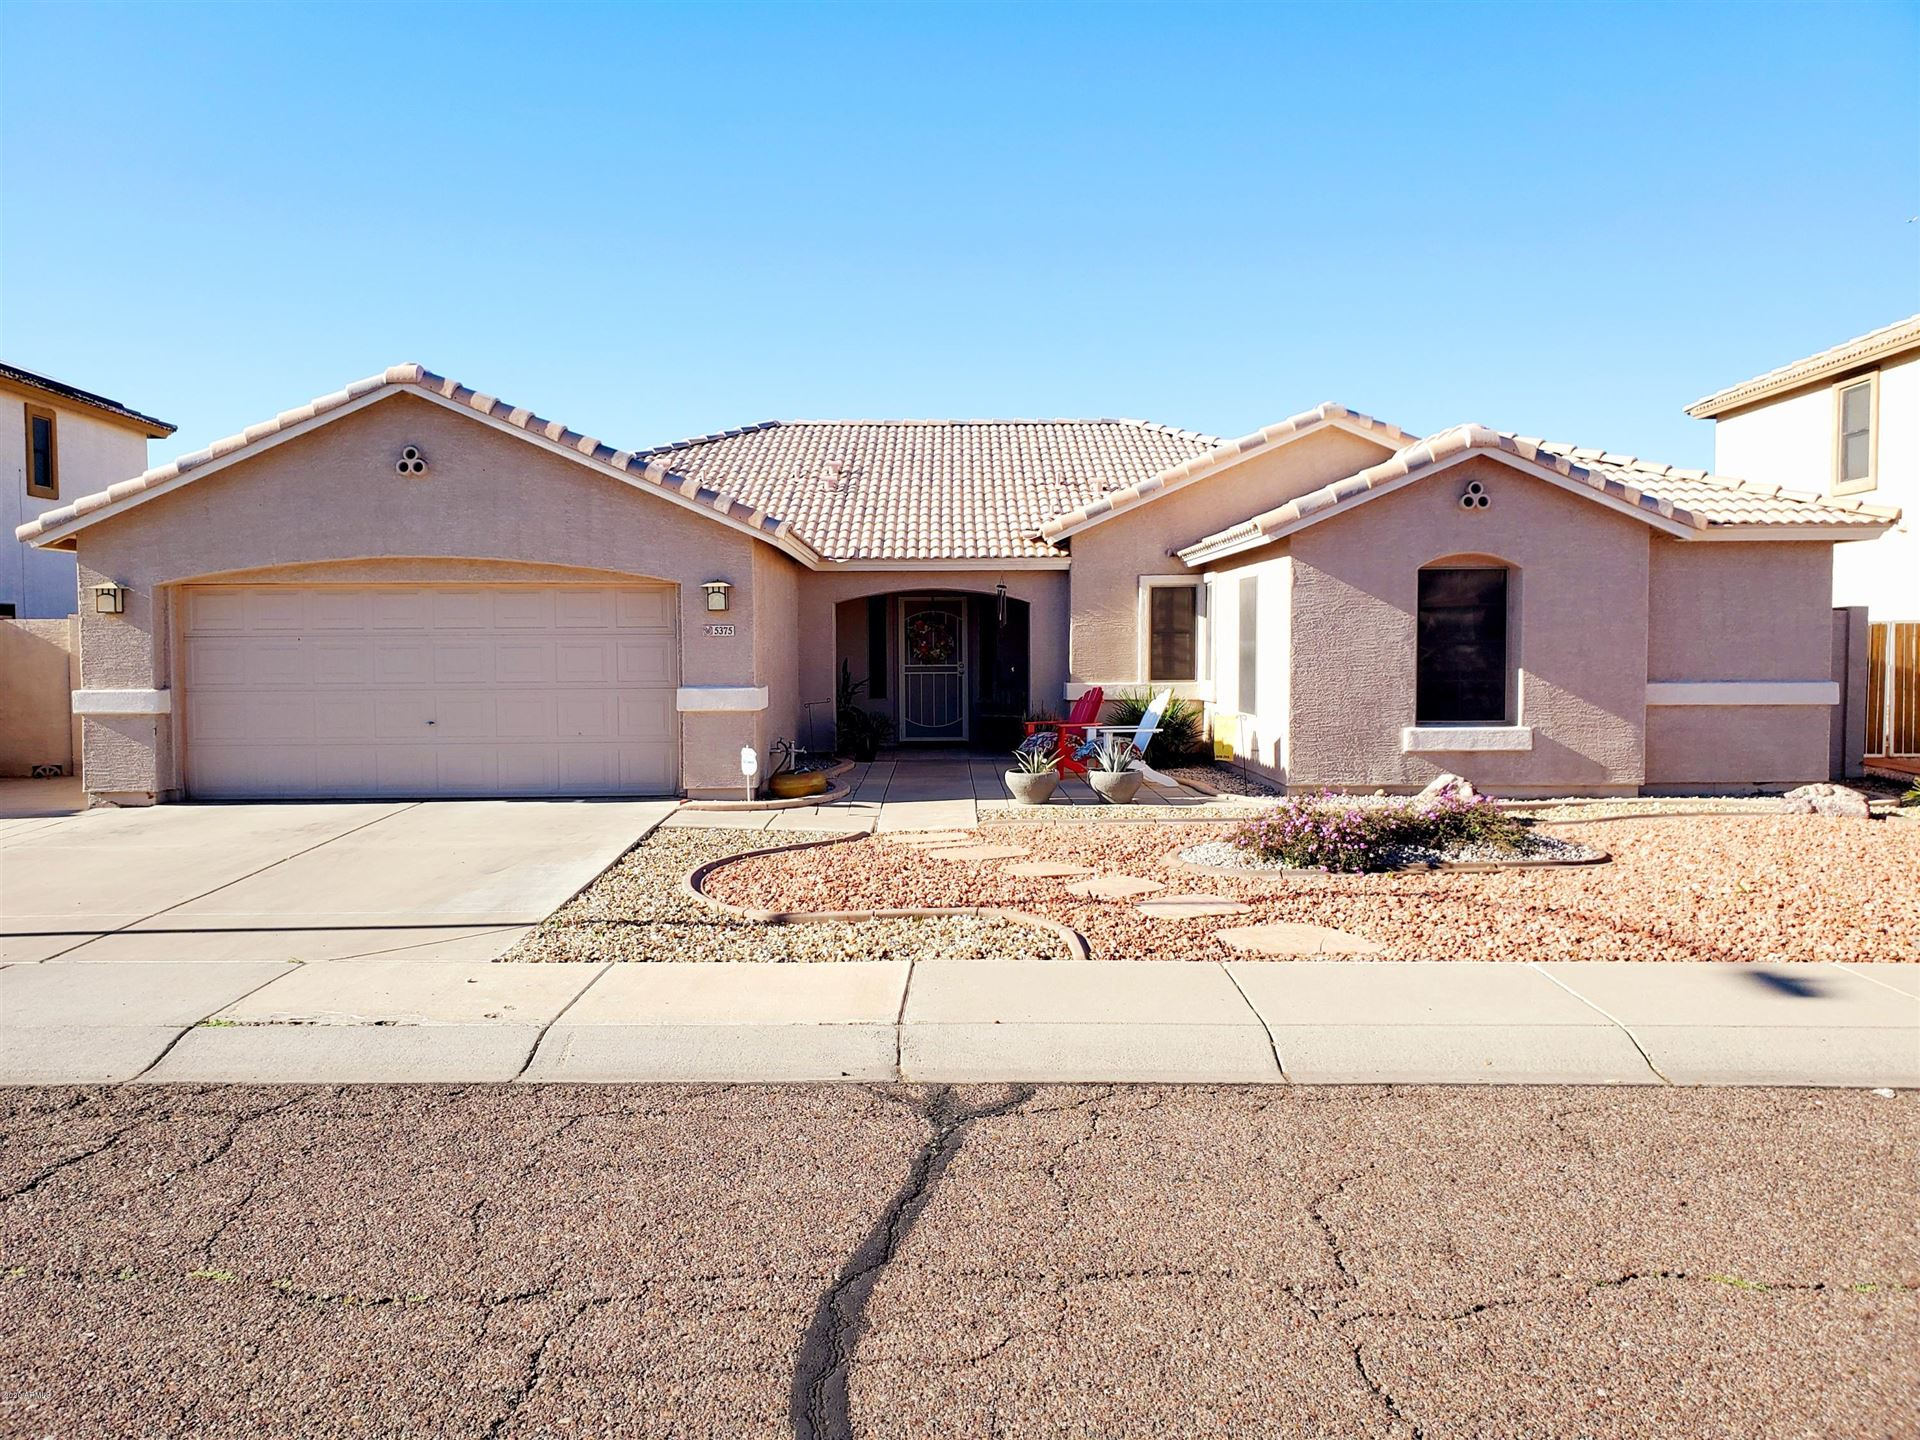 5375 W KALER Circle, Glendale, AZ 85301 - #: 6029721